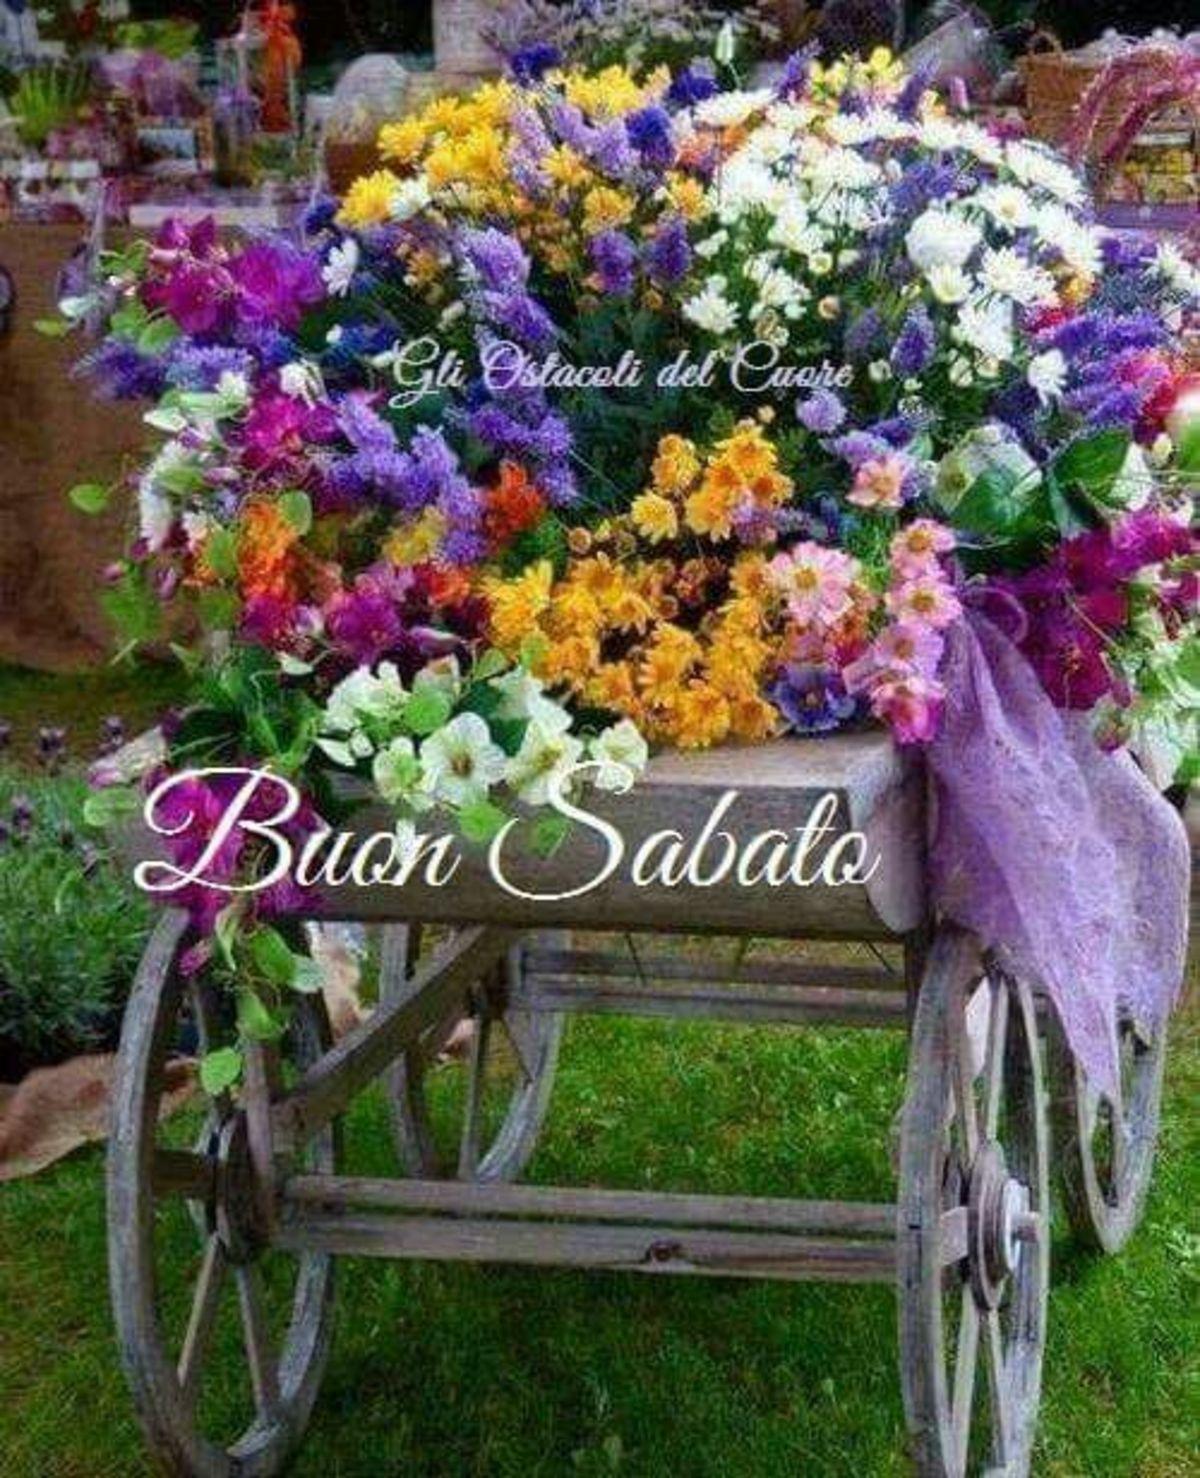 Buon sabato immagini nuove divertenti 7067 fiori for Immagini divertenti buon sabato